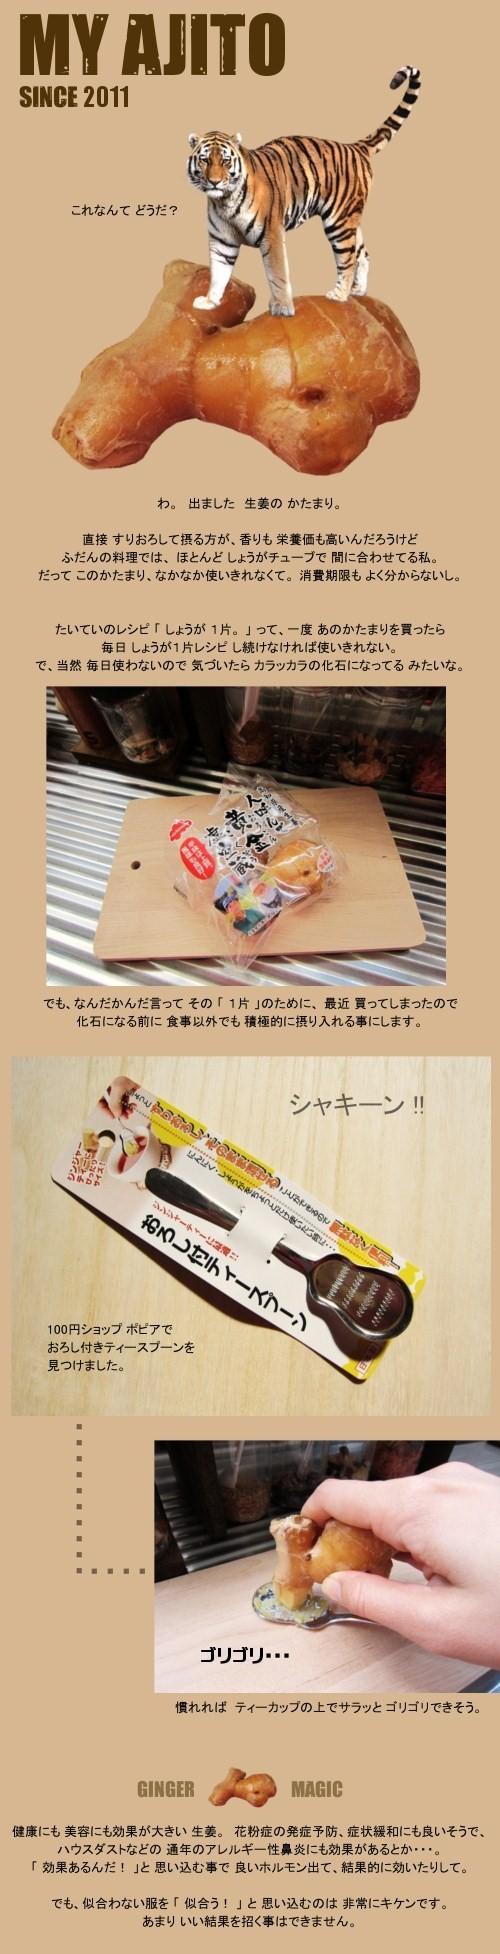 kota_sho_05.jpg